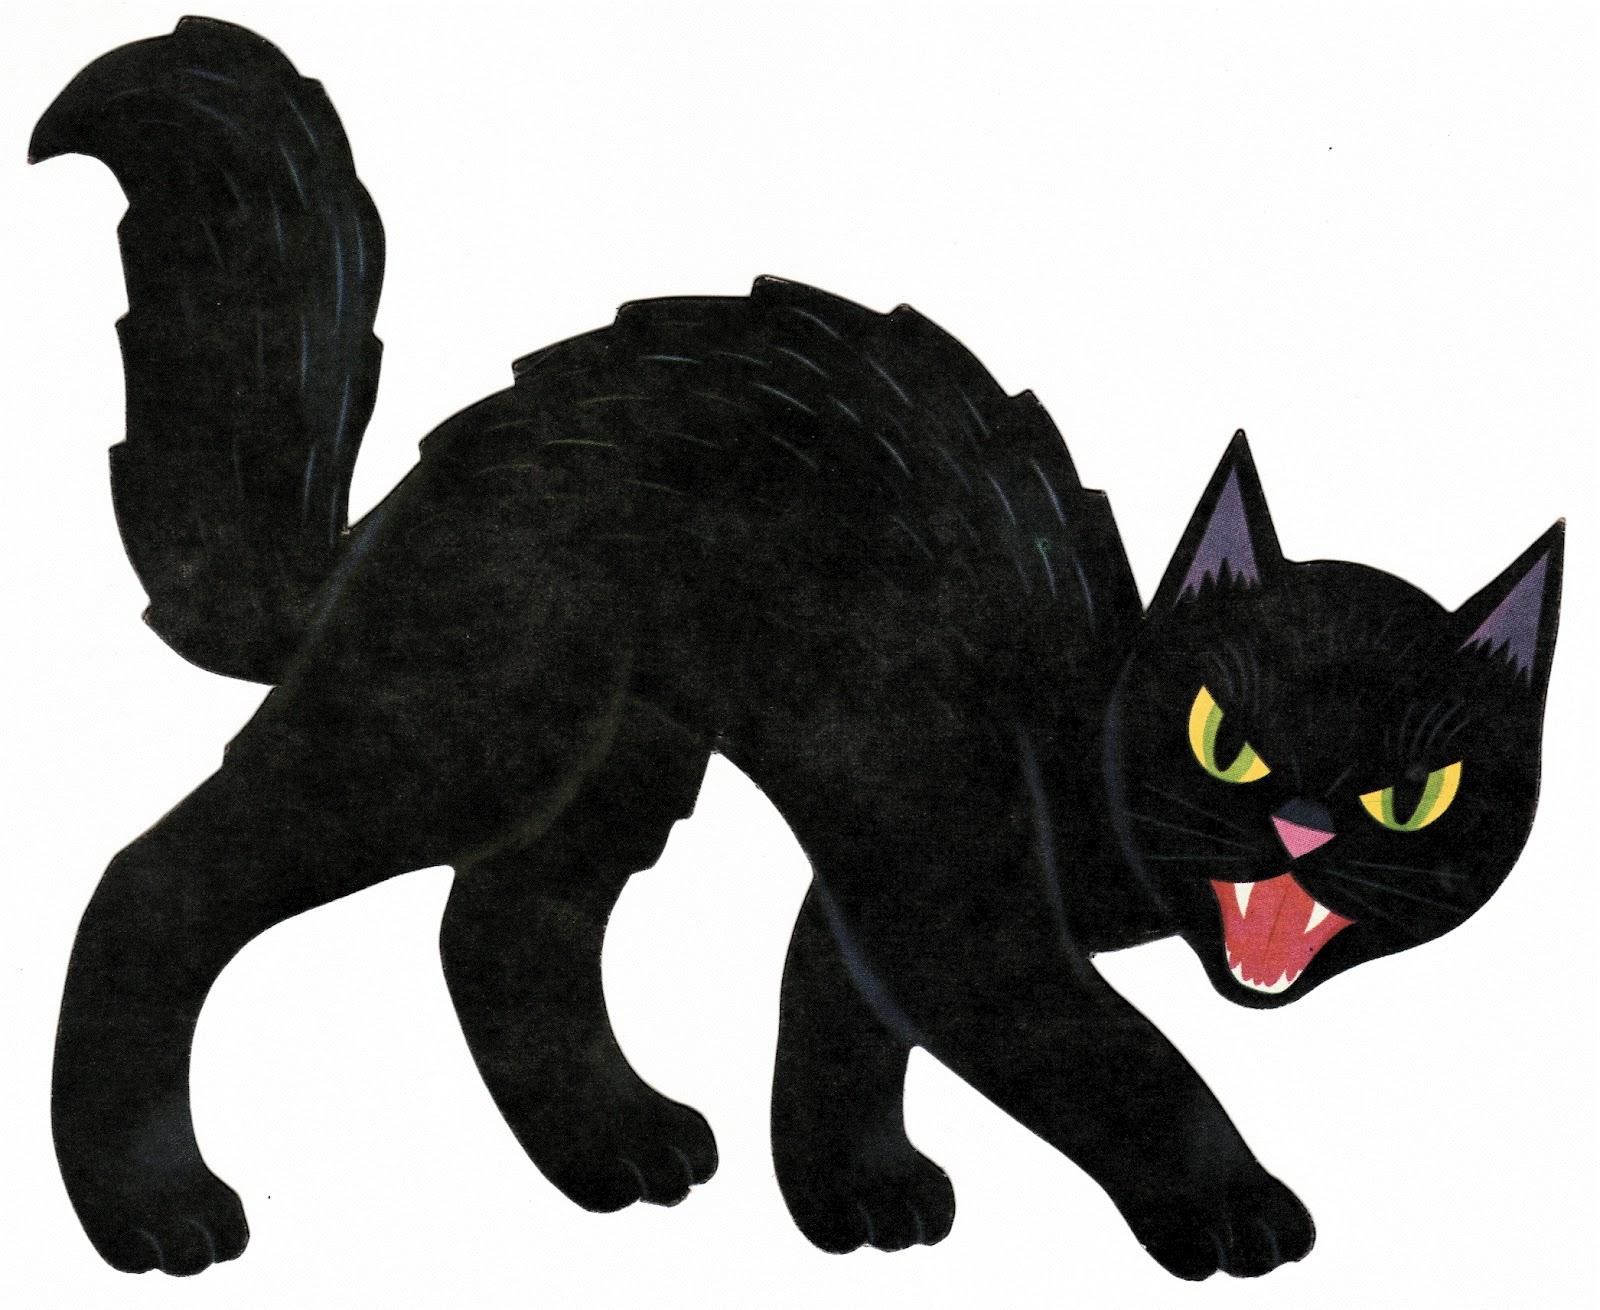 Halloween cat images